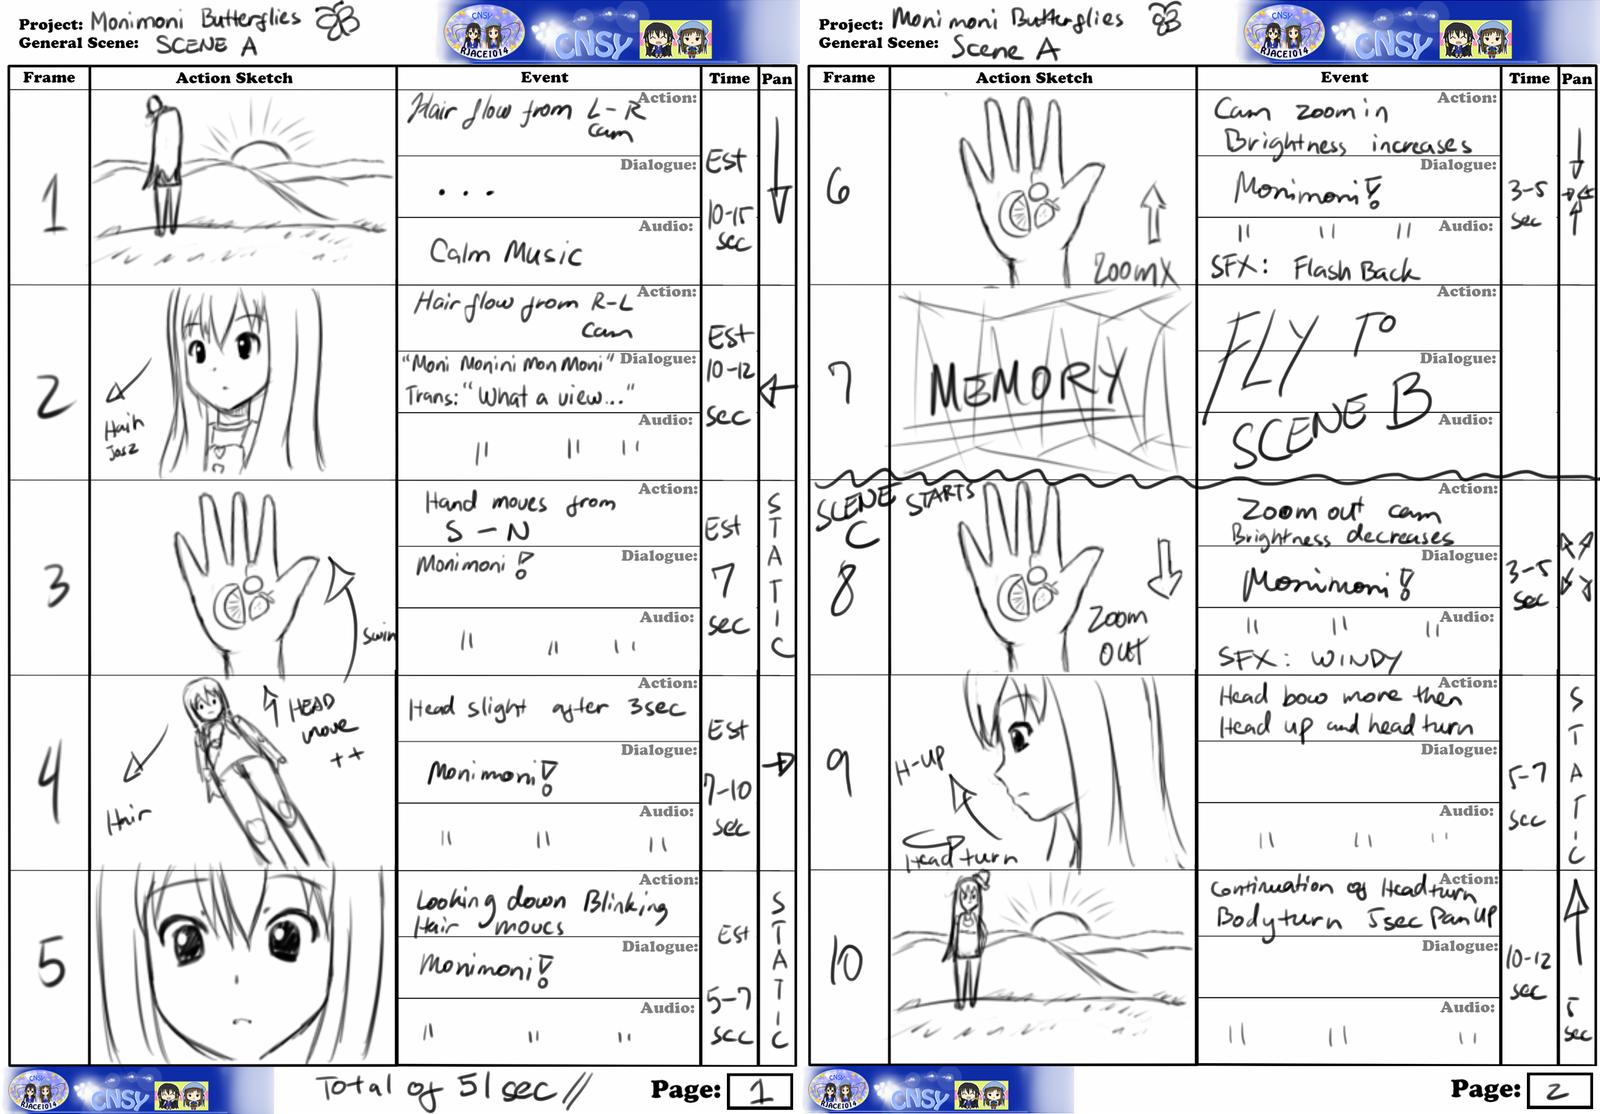 STORYBOARD: Monimoni Butterflies - Scene A,B,C by RJAce1014 on ...